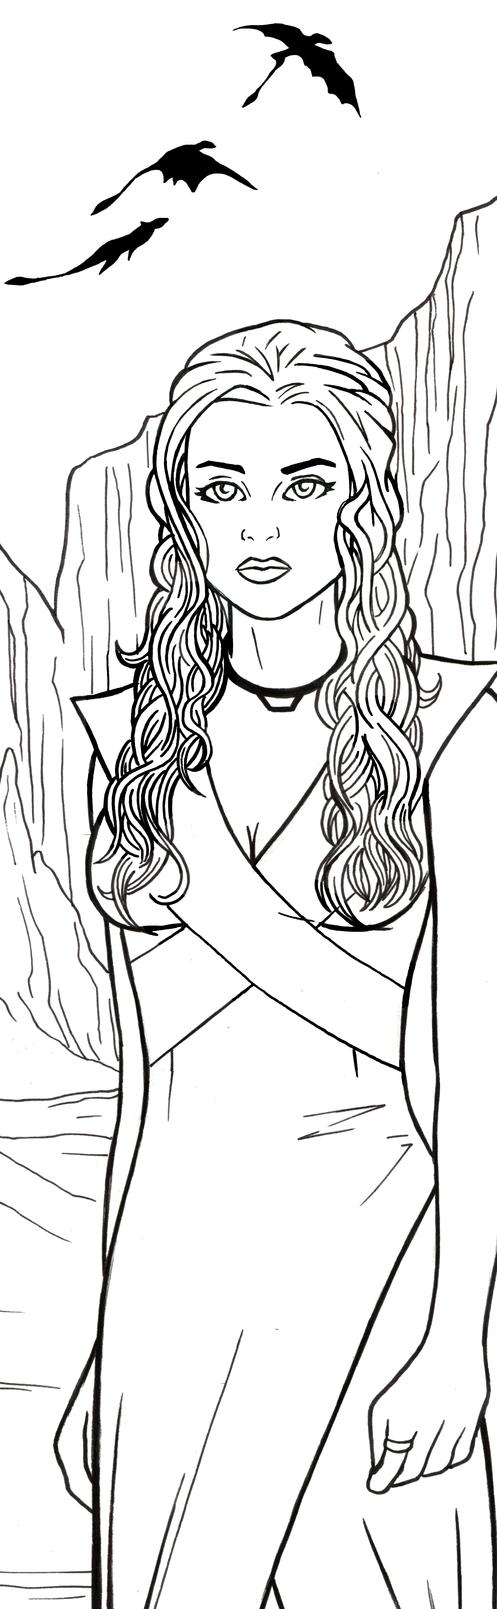 Daenerys Targaryen Art Inks by RichBernatovech